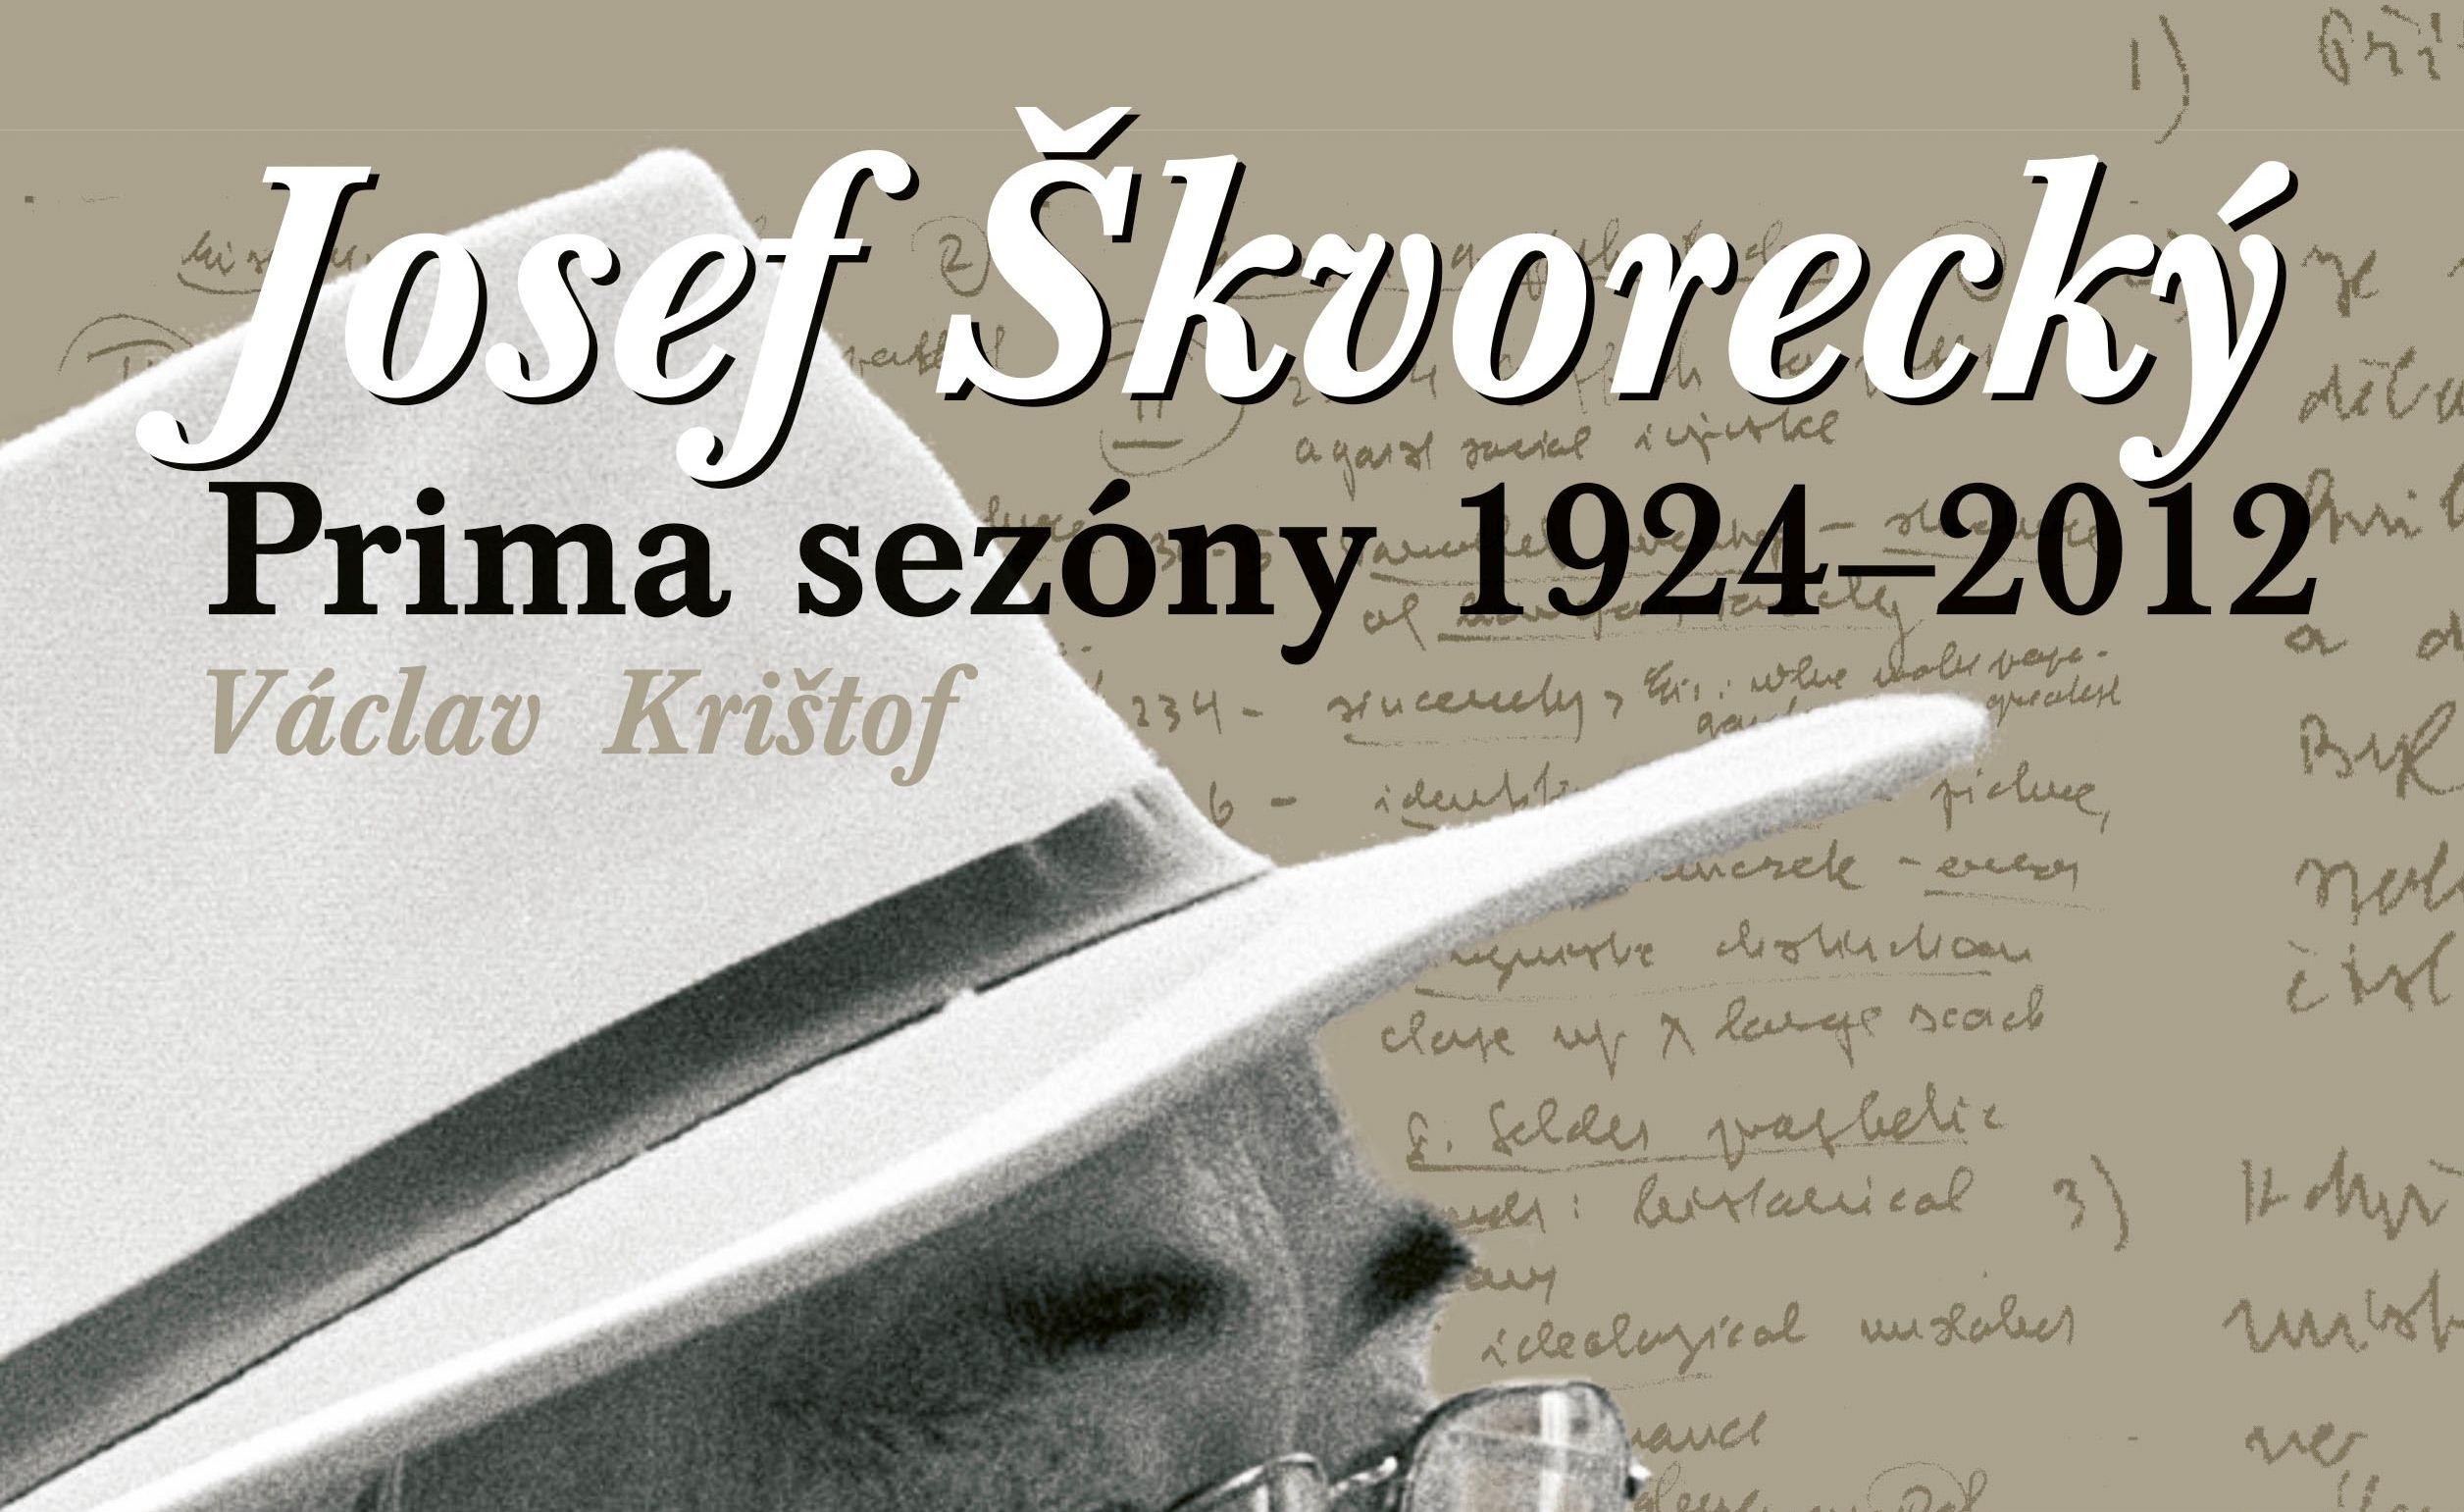 Ve Škvorecký Café pokřtí novou knihu o Josefu Škvoreckém